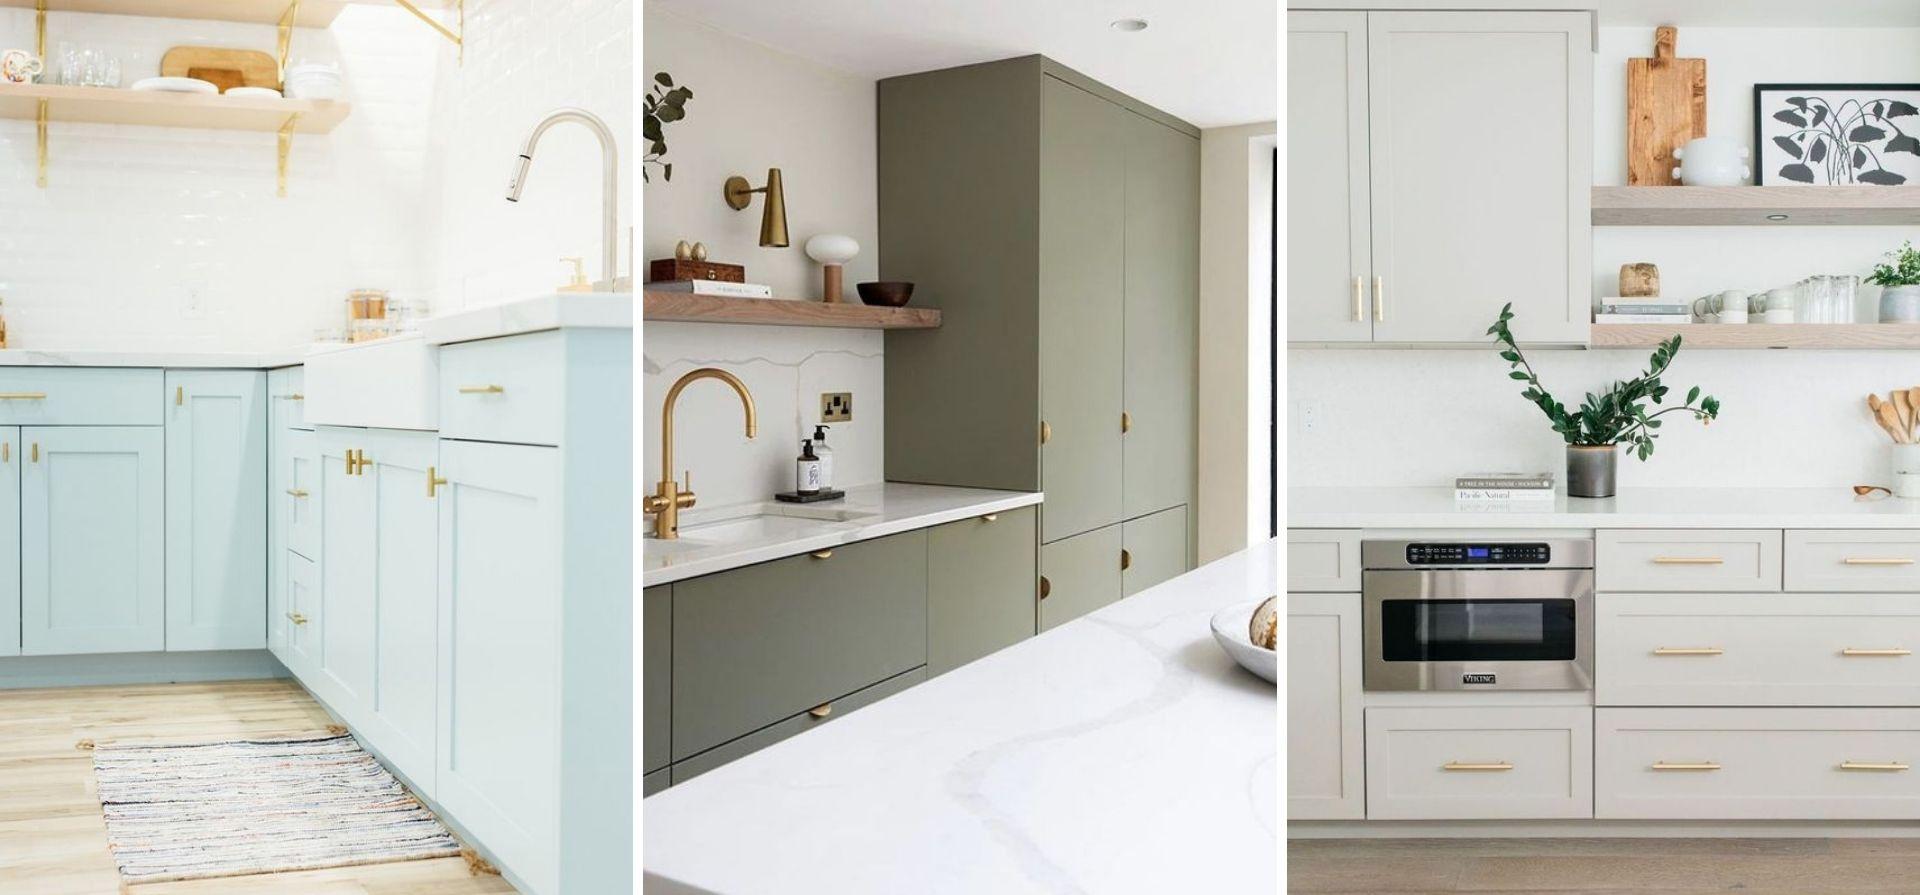 renovation armoire bois poignee